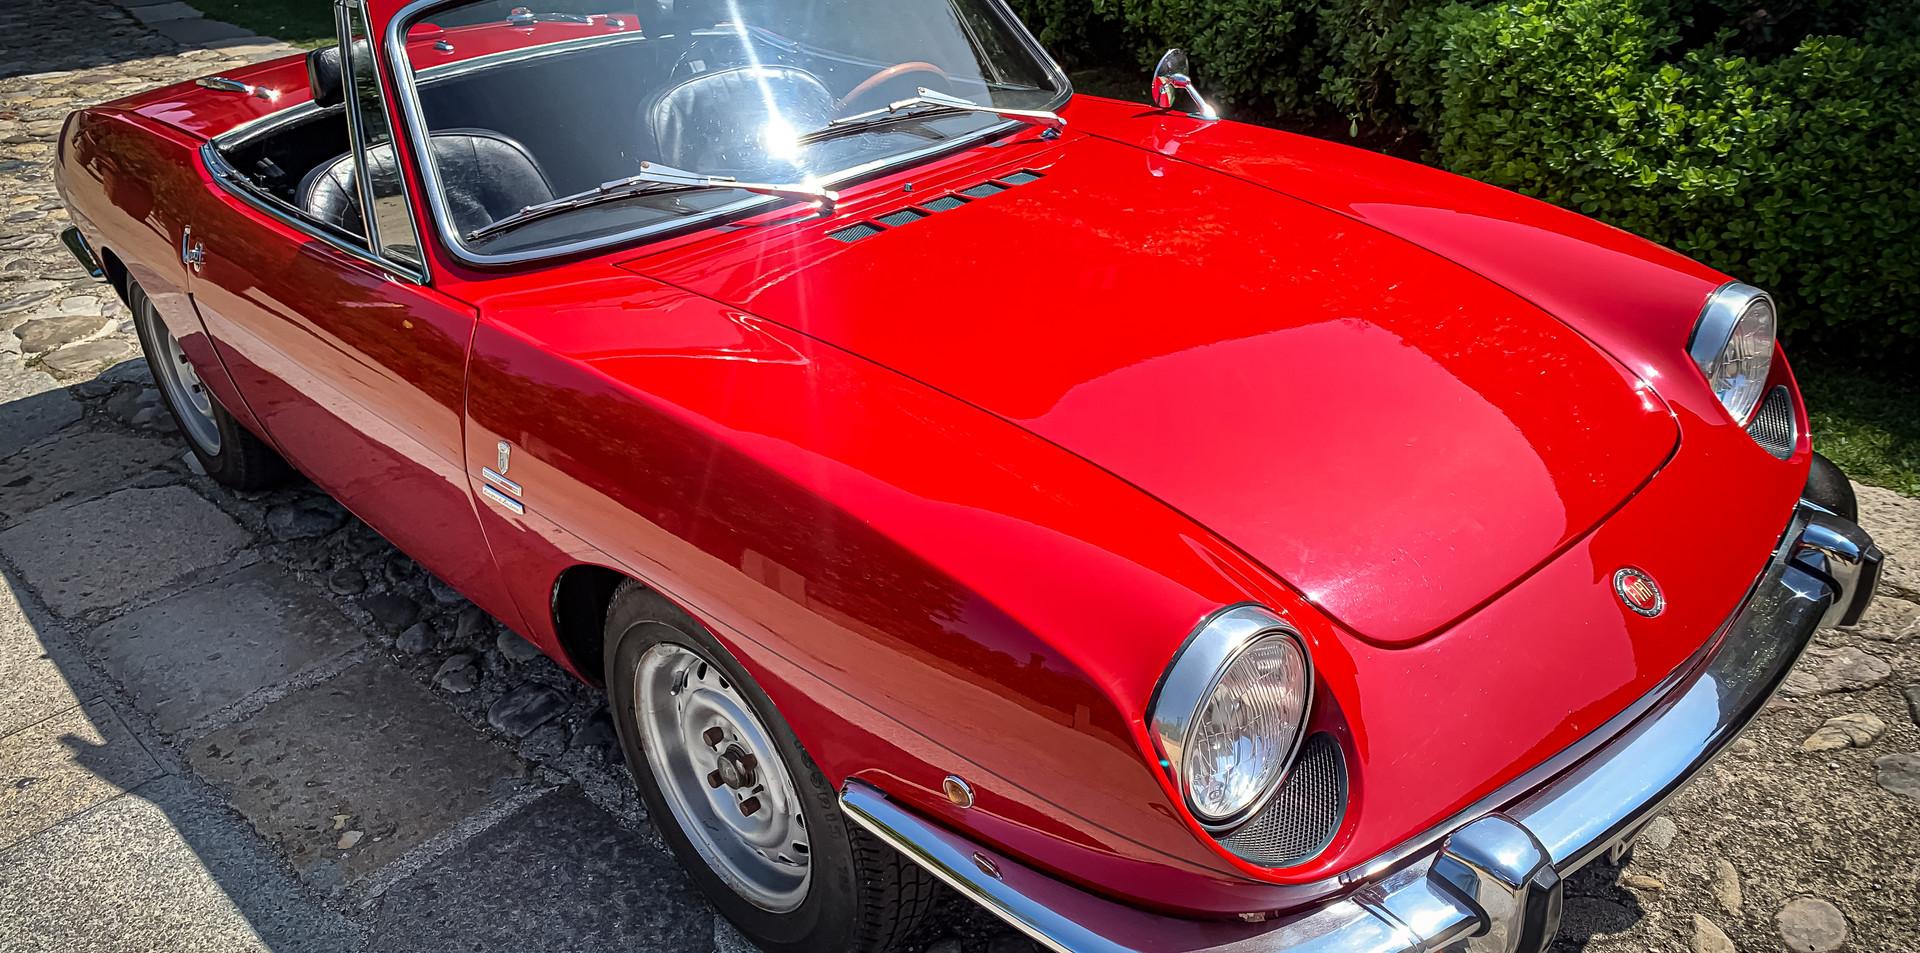 FIat 850 Spider Noleggio Auto Matrimonio